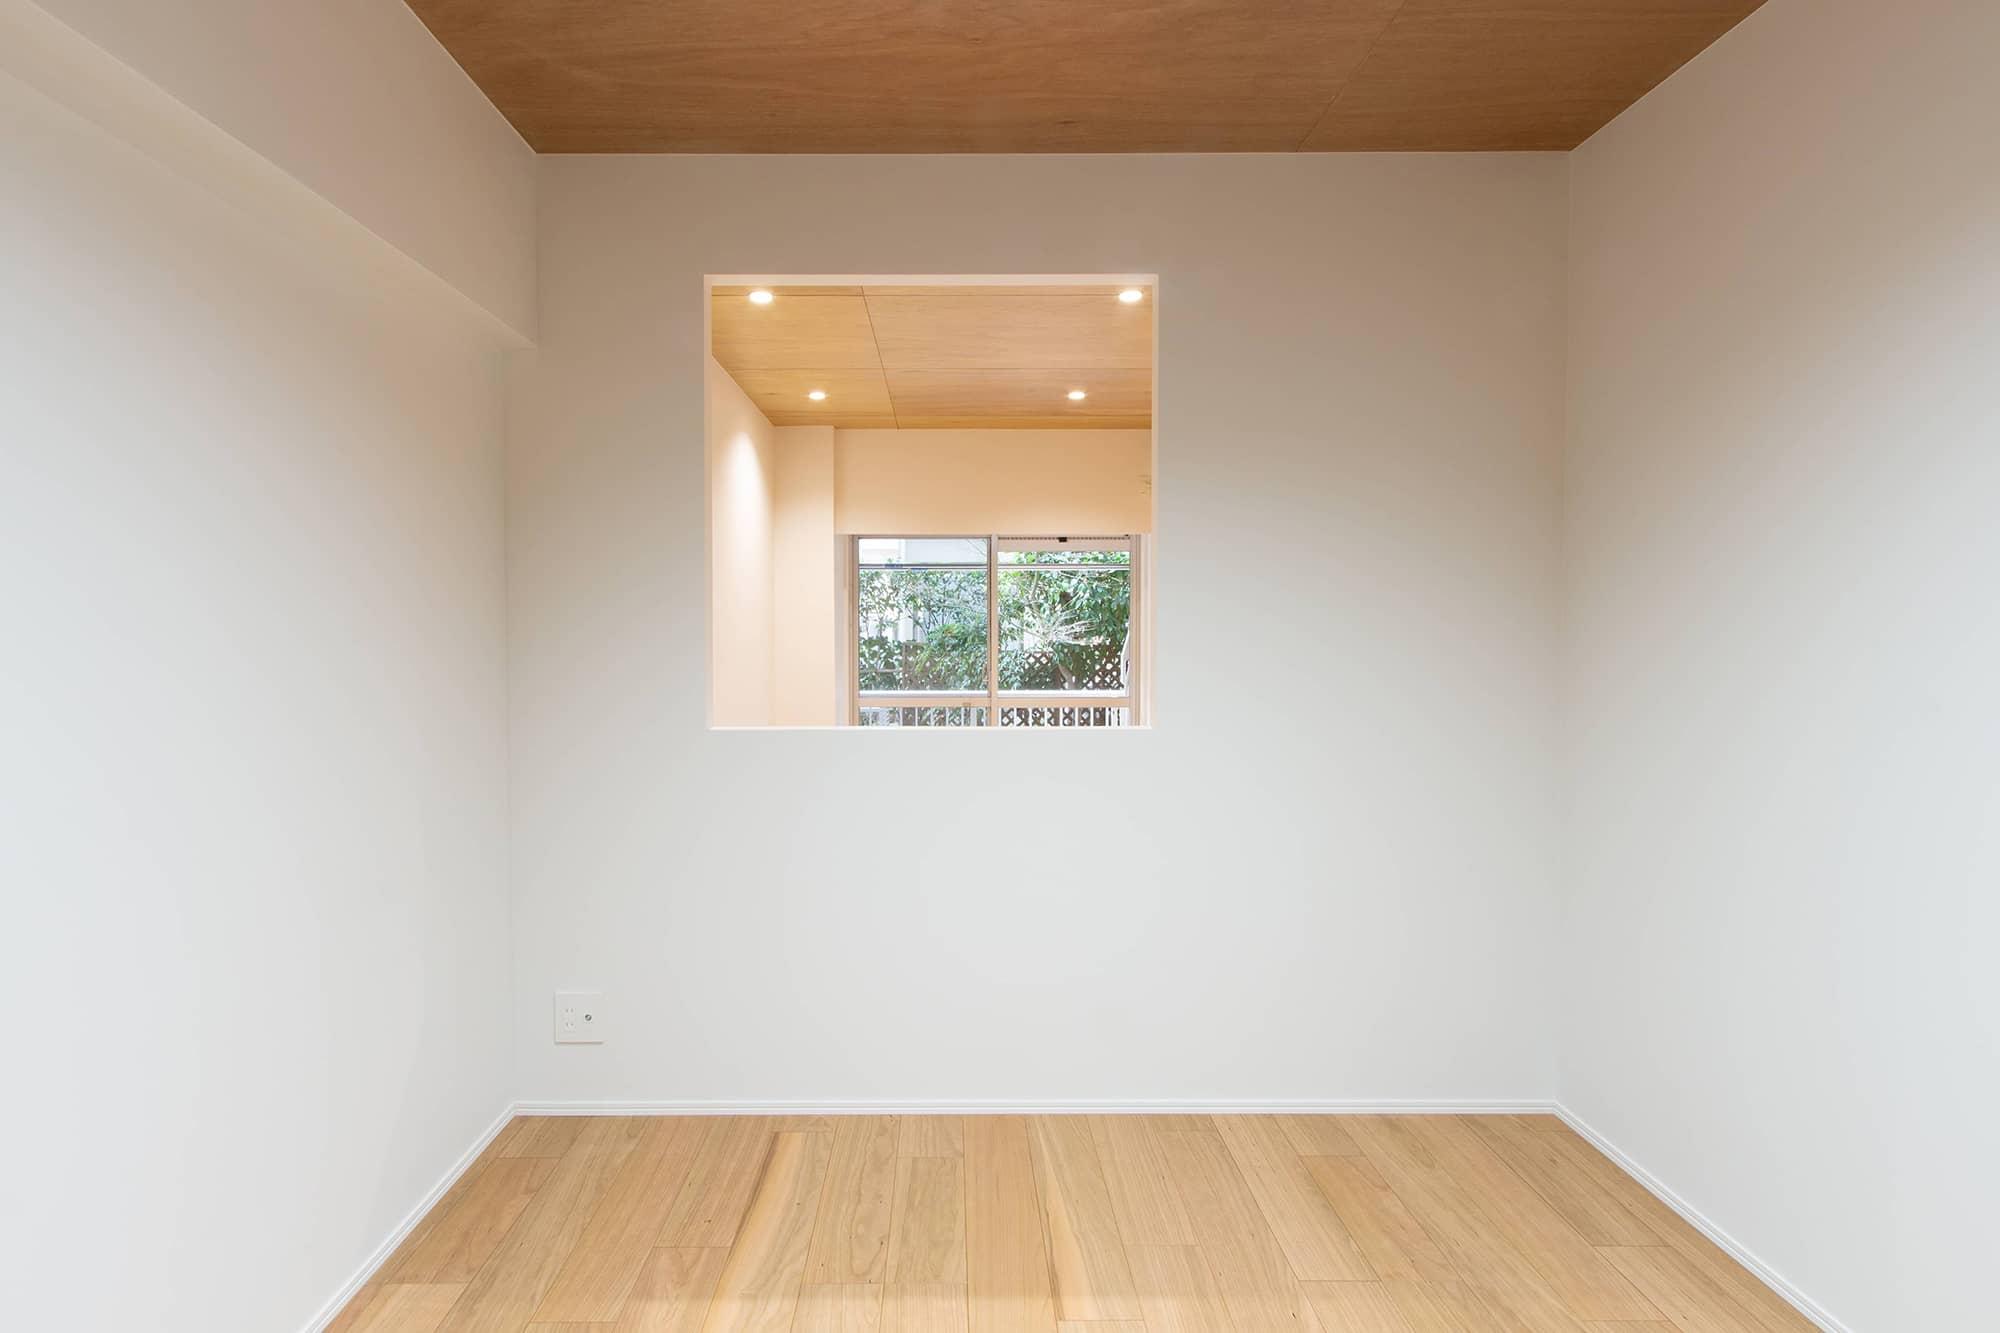 蒲田グリーンパークモデルルーム / 洋室①